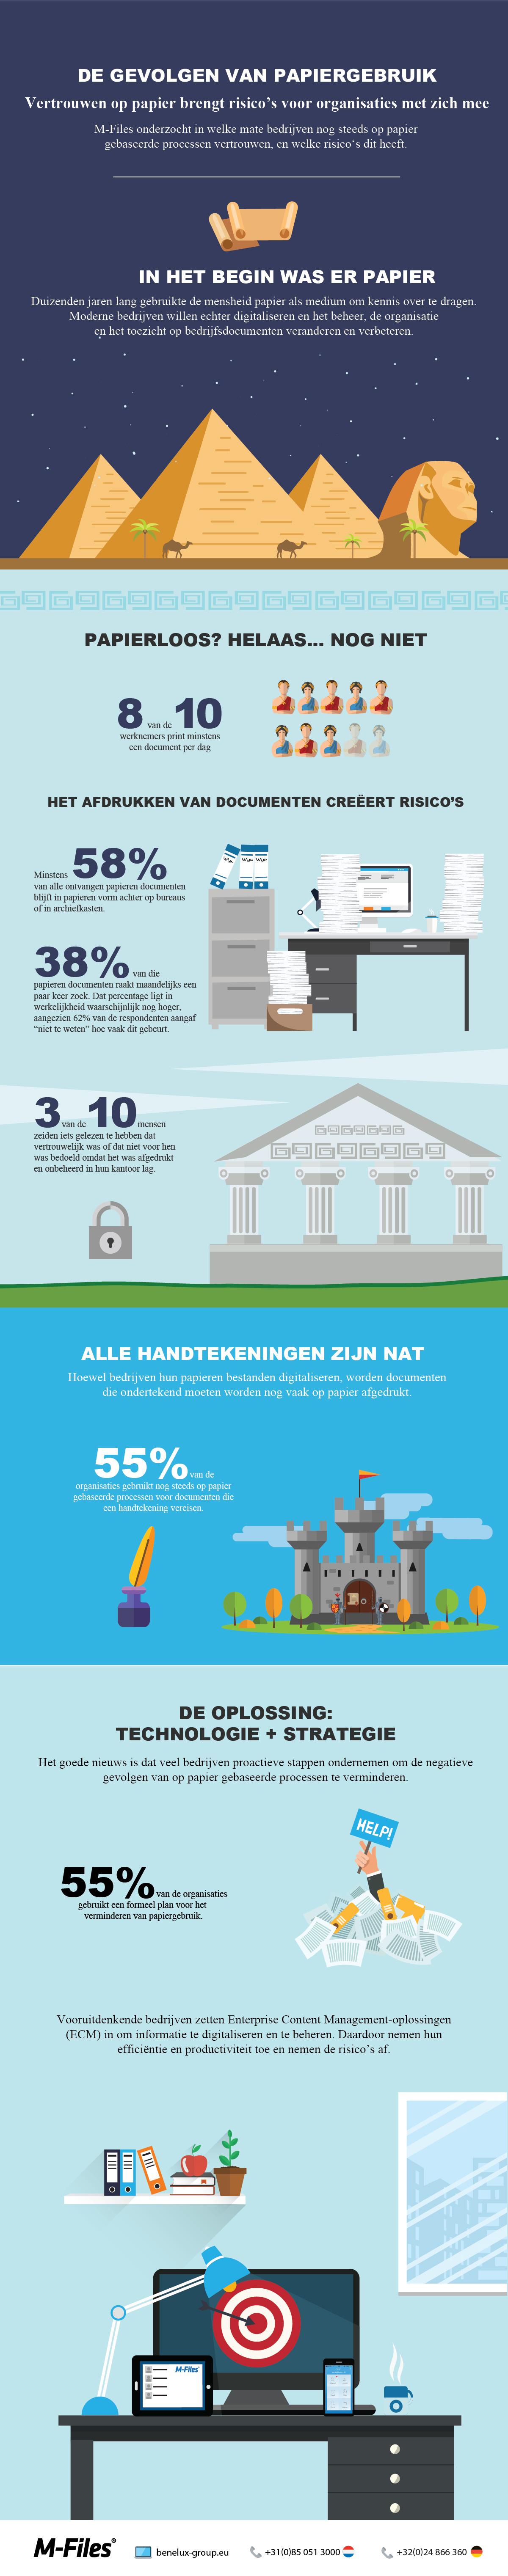 Infographic over het gebruik van papier in bedrijven